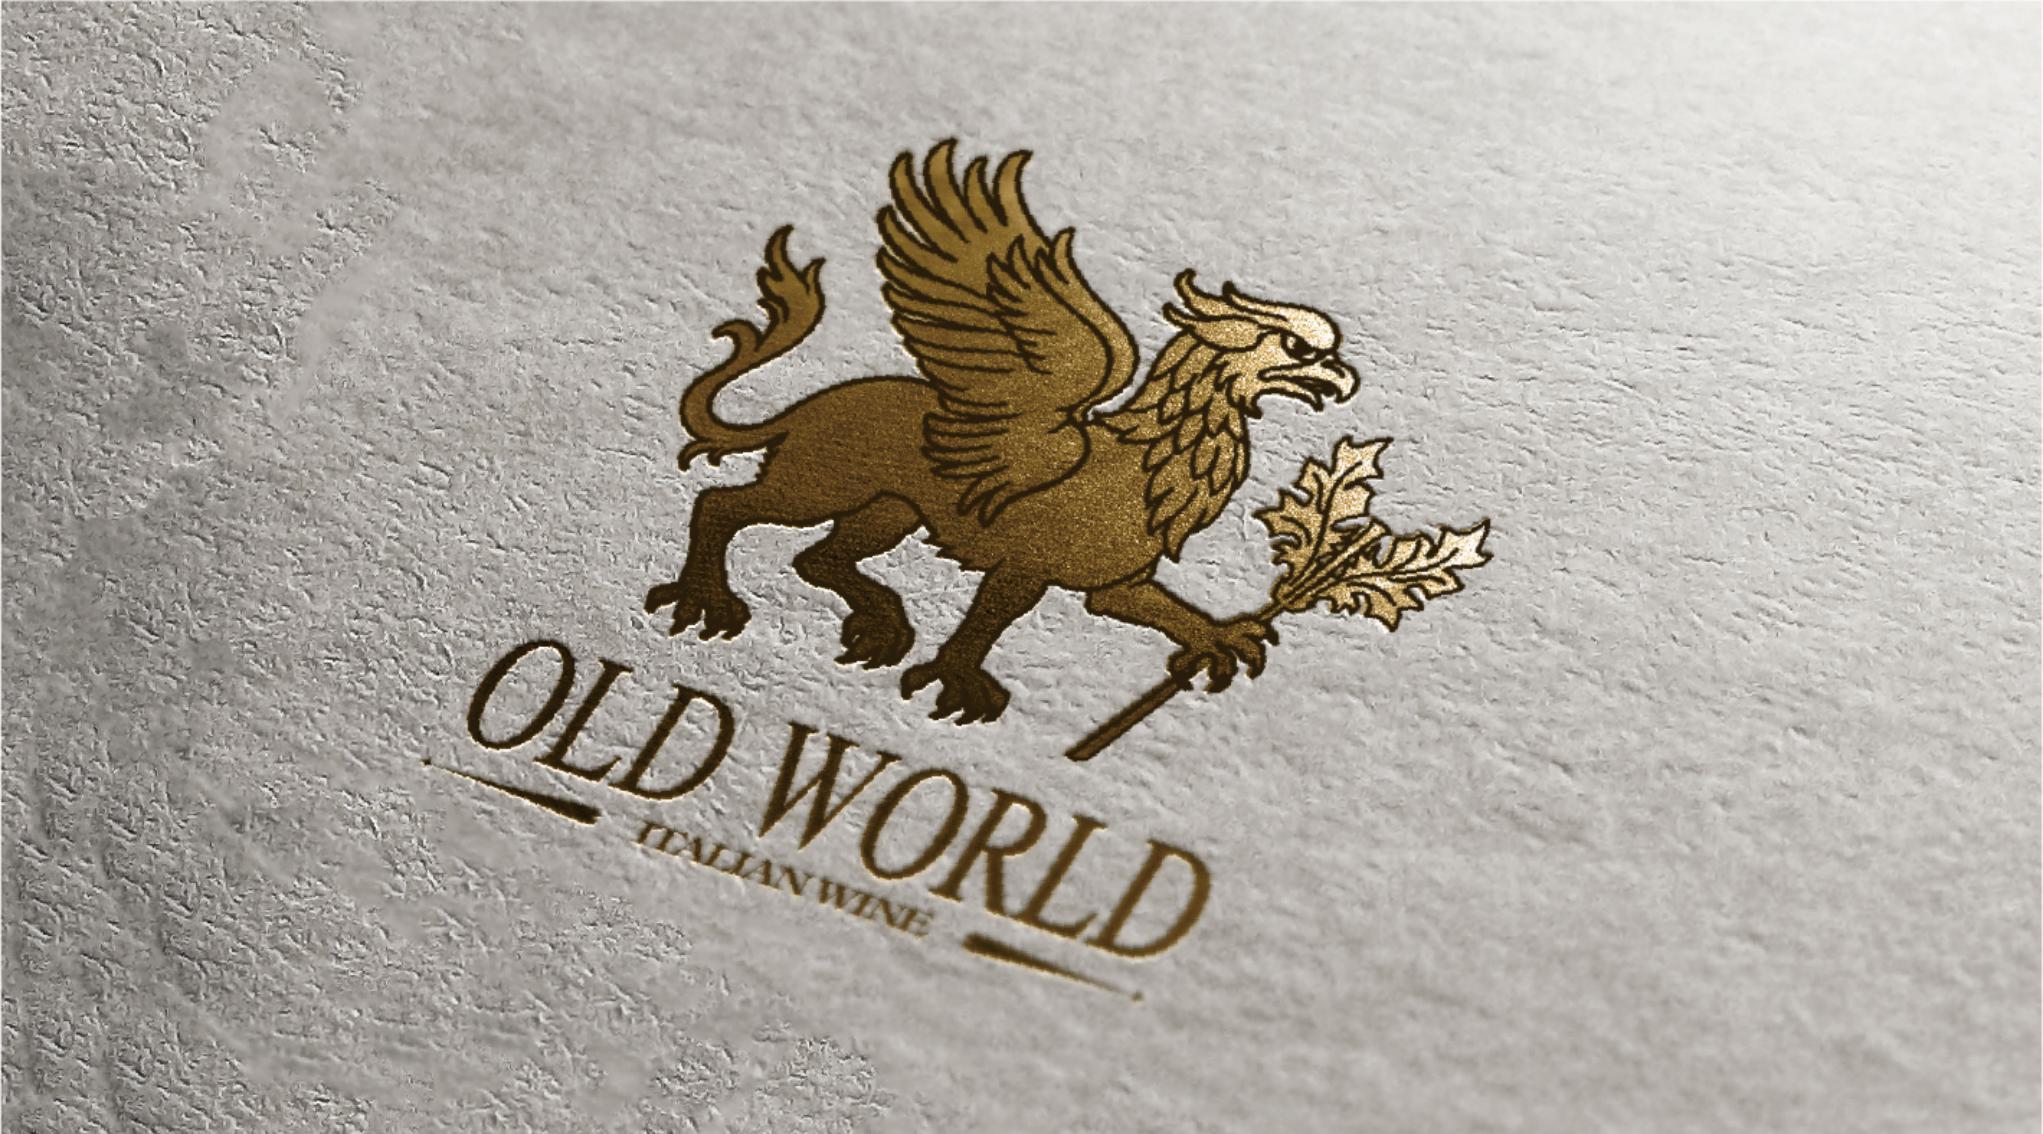 意大利欧德沃葡萄酒中国区战略发布会日前在上海举行